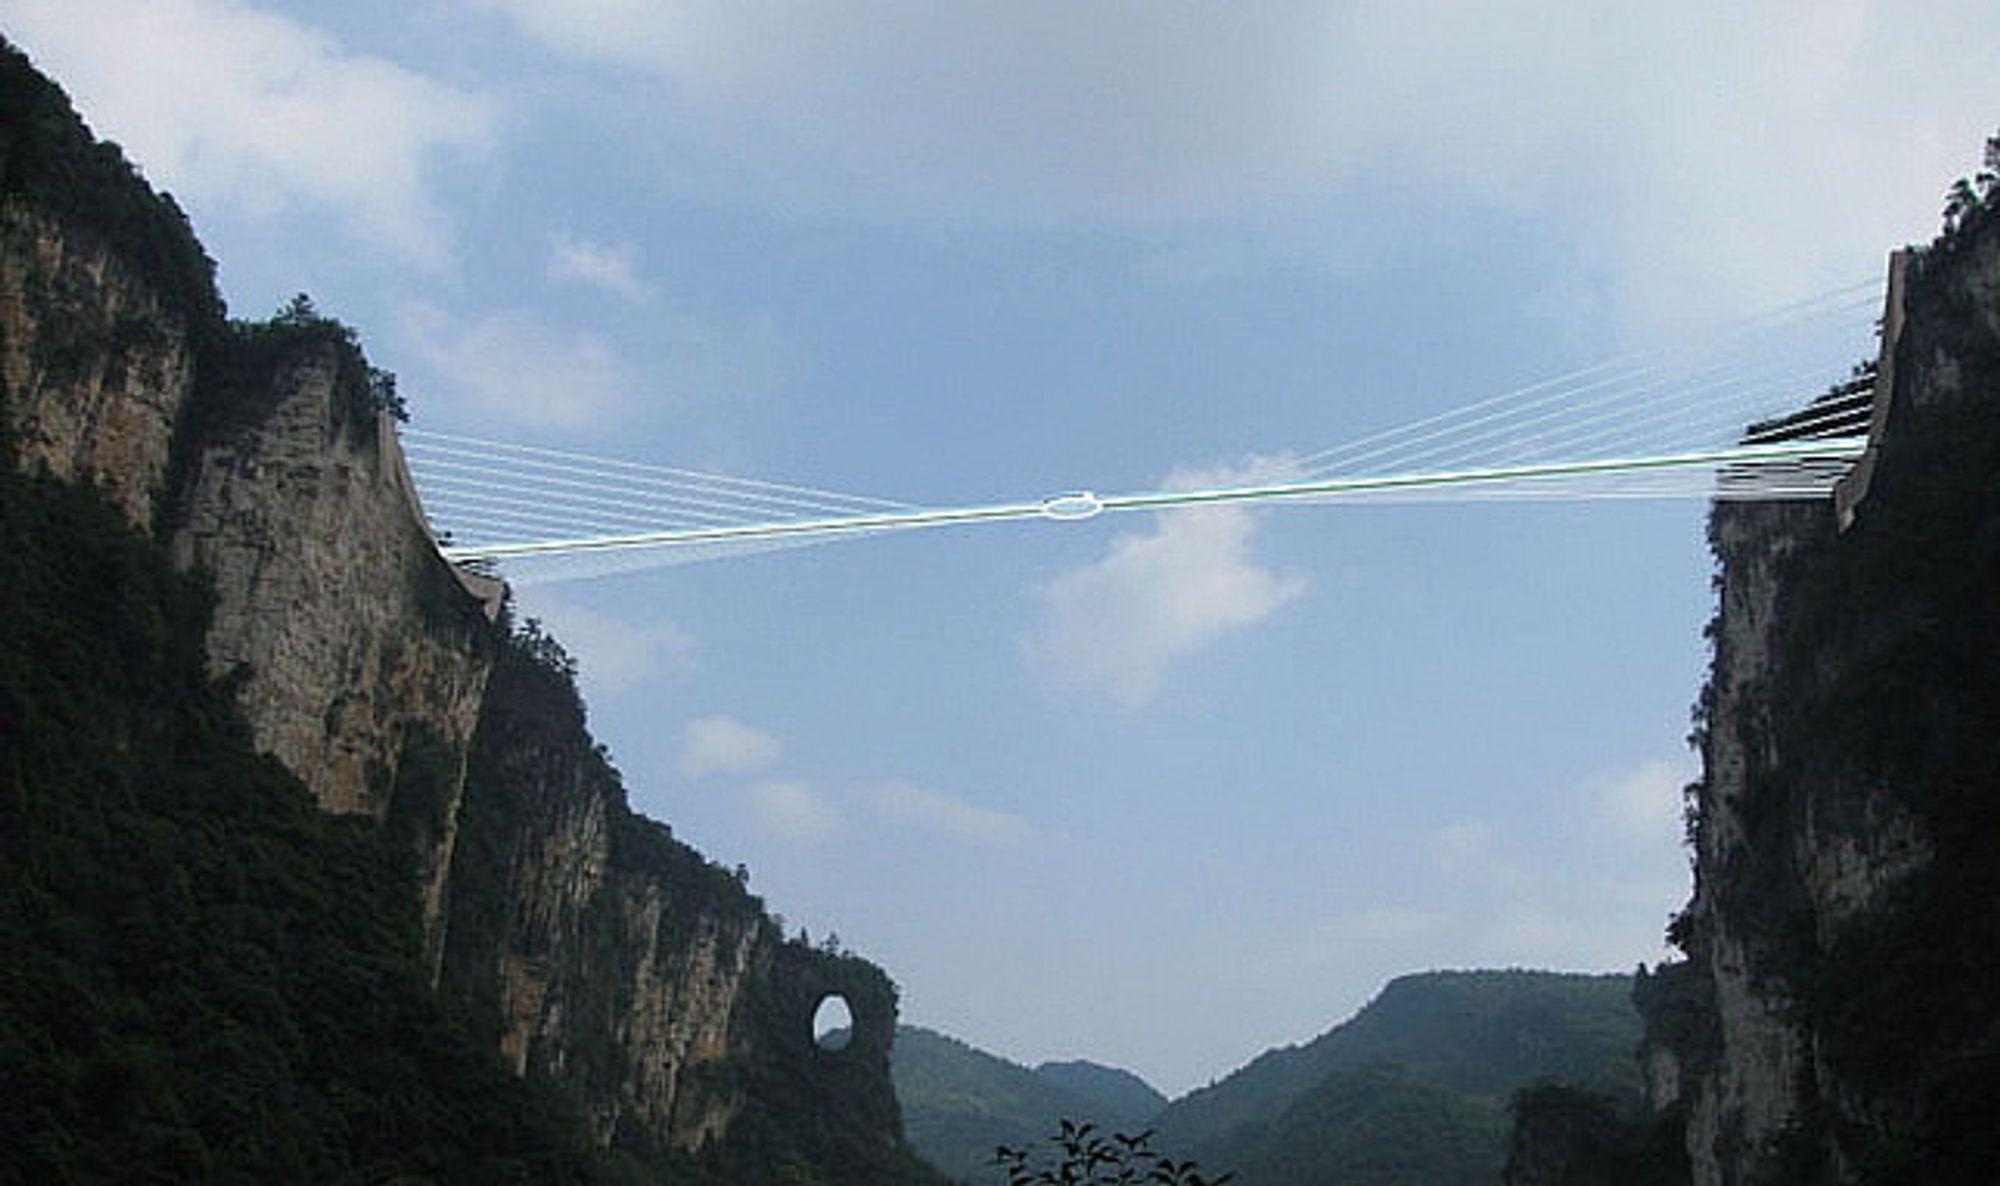 Det vil være mulig å hoppe i strikk ned fra den 300 meter høye glassbrua i nasjonalparken Zhangjiajie i Kina.